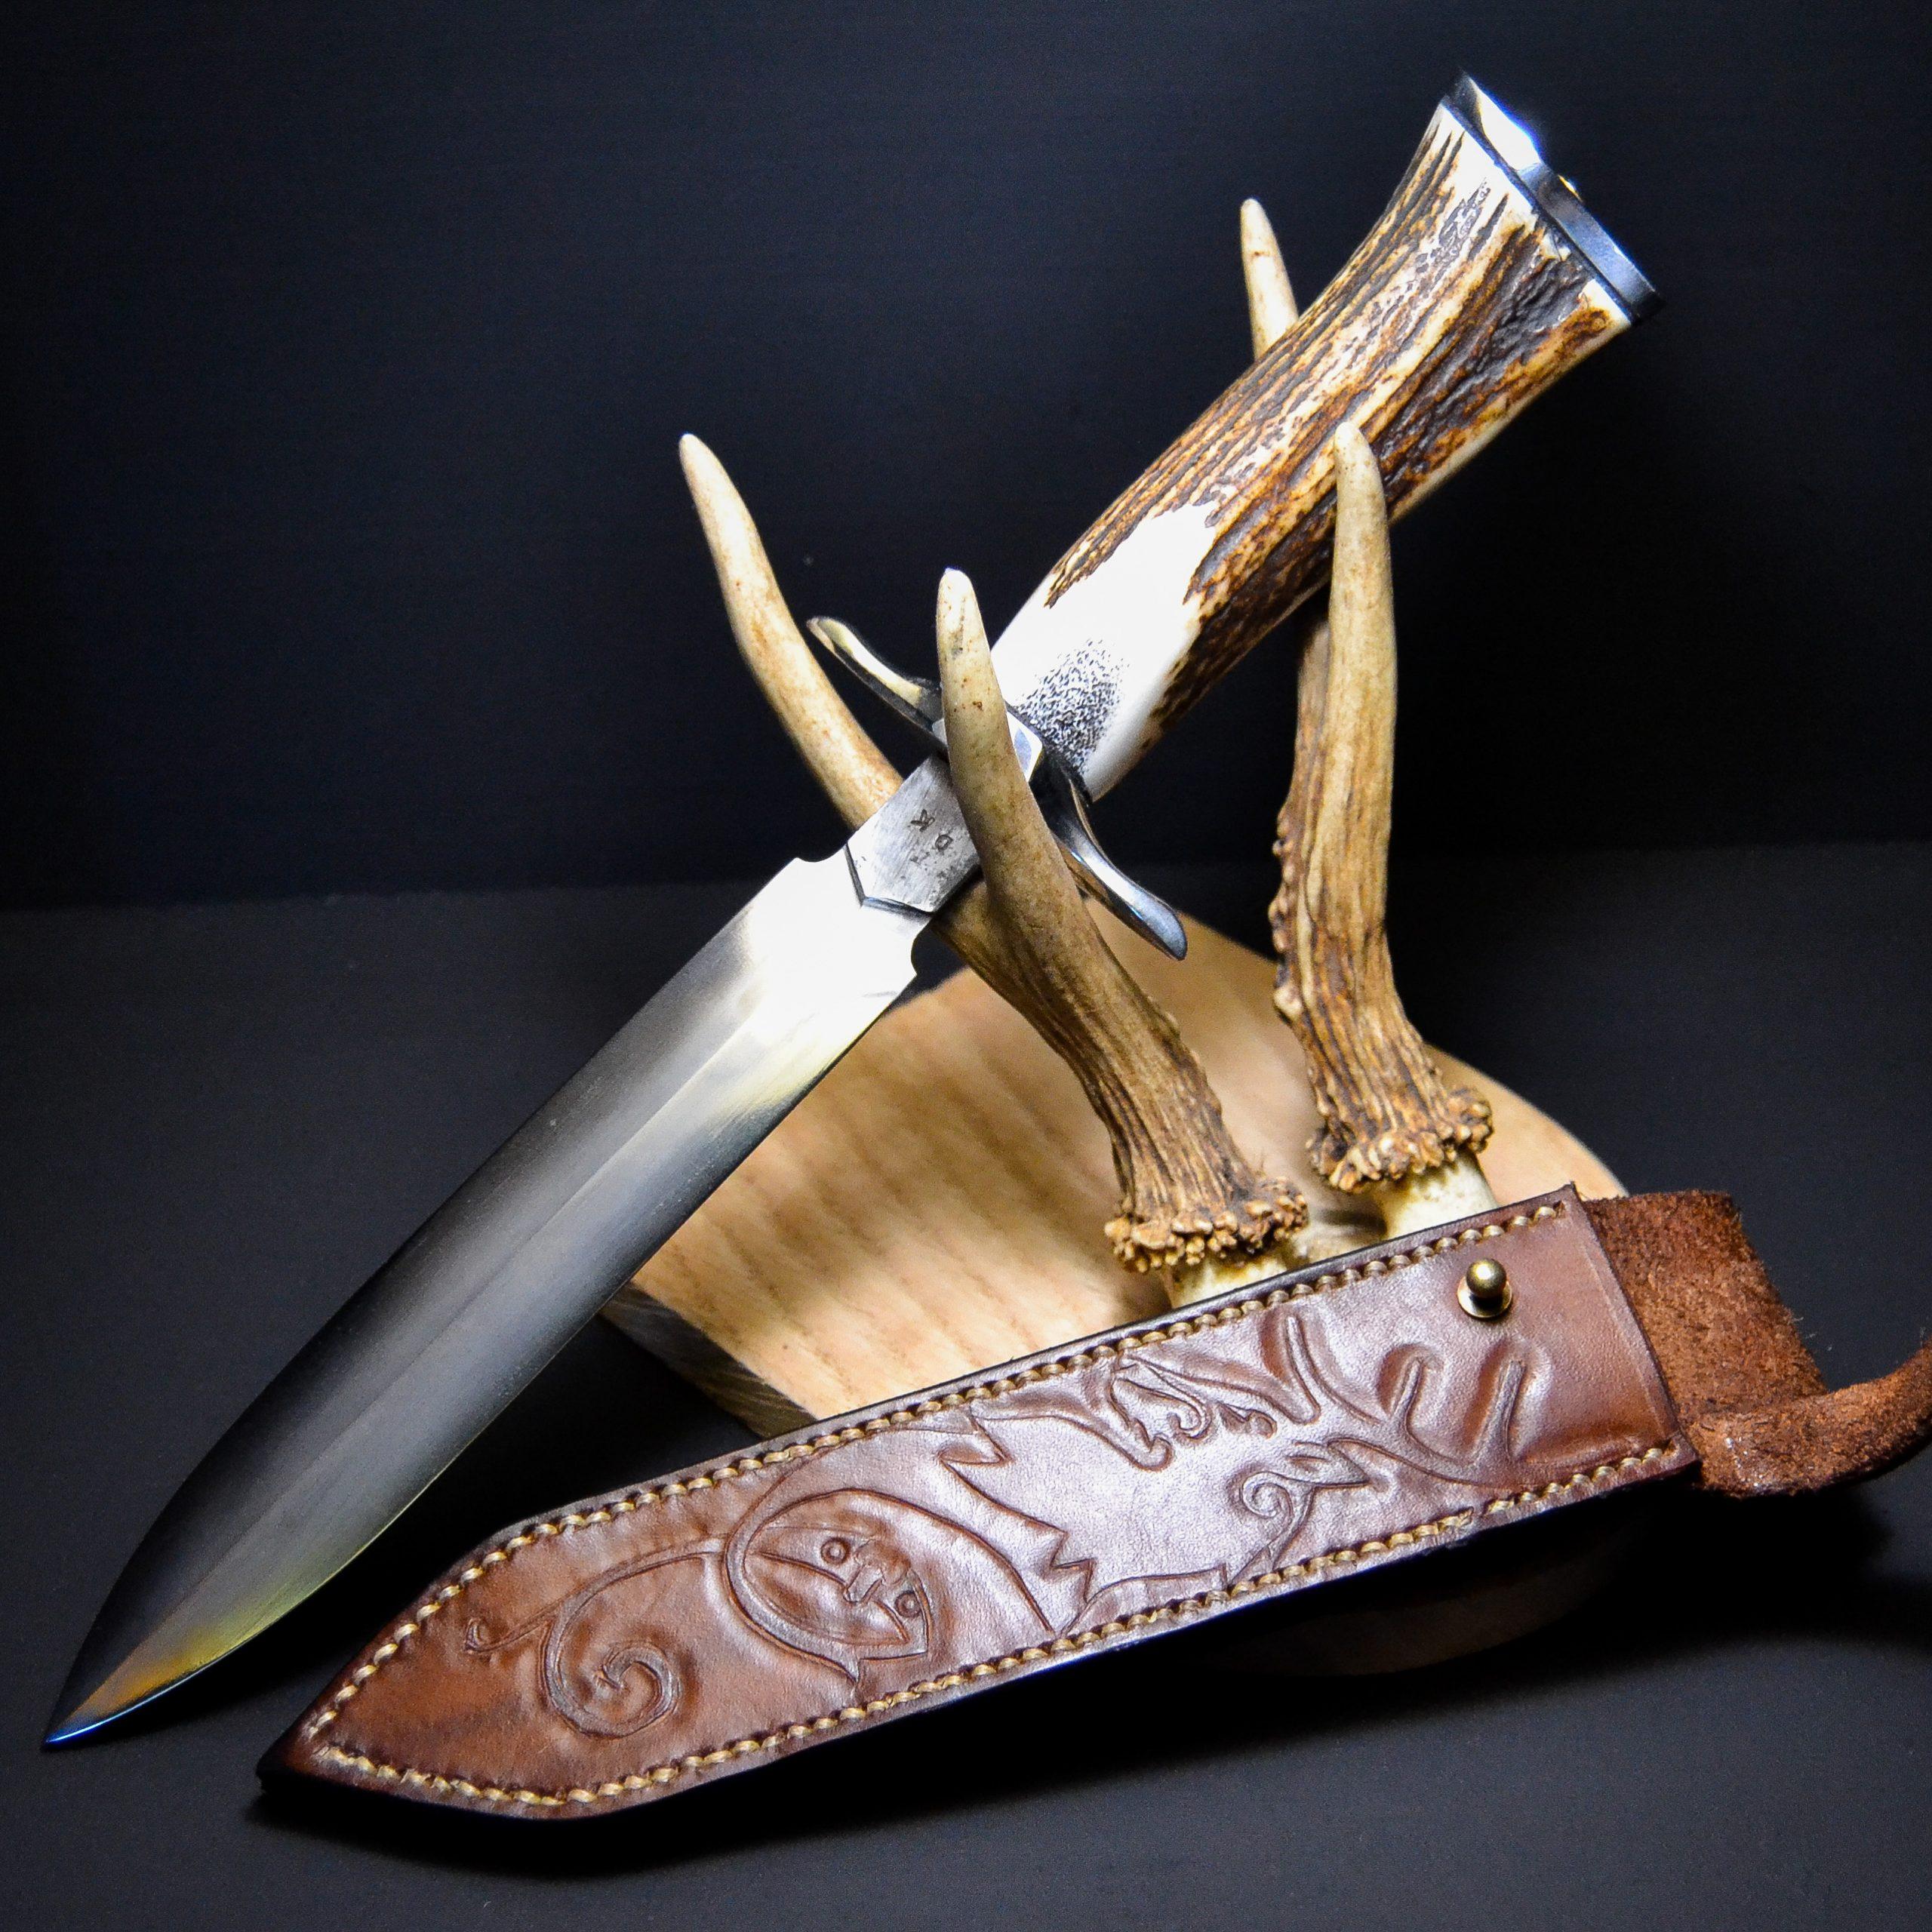 DidotKnife : Artisanat : un couteau unique, forgé à la main dans les Vosges